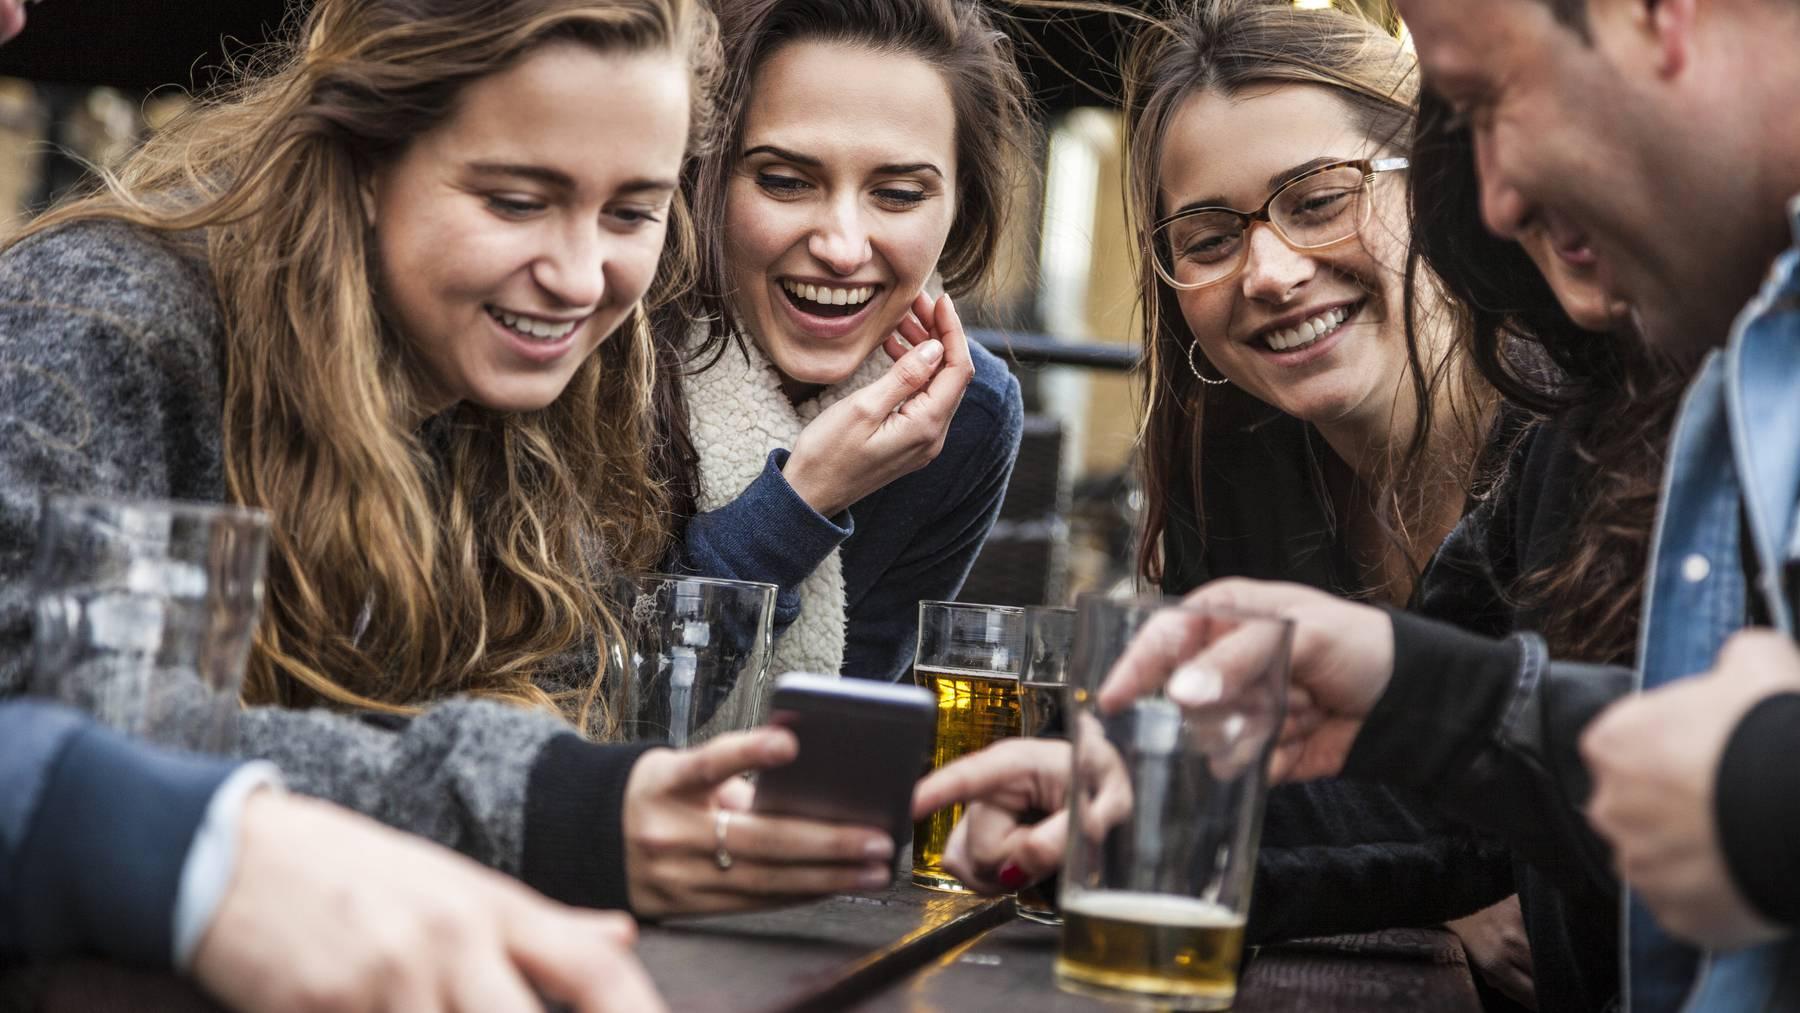 Bei einem Bier lernt man neue Leute kennen und kommt sich auch näher.